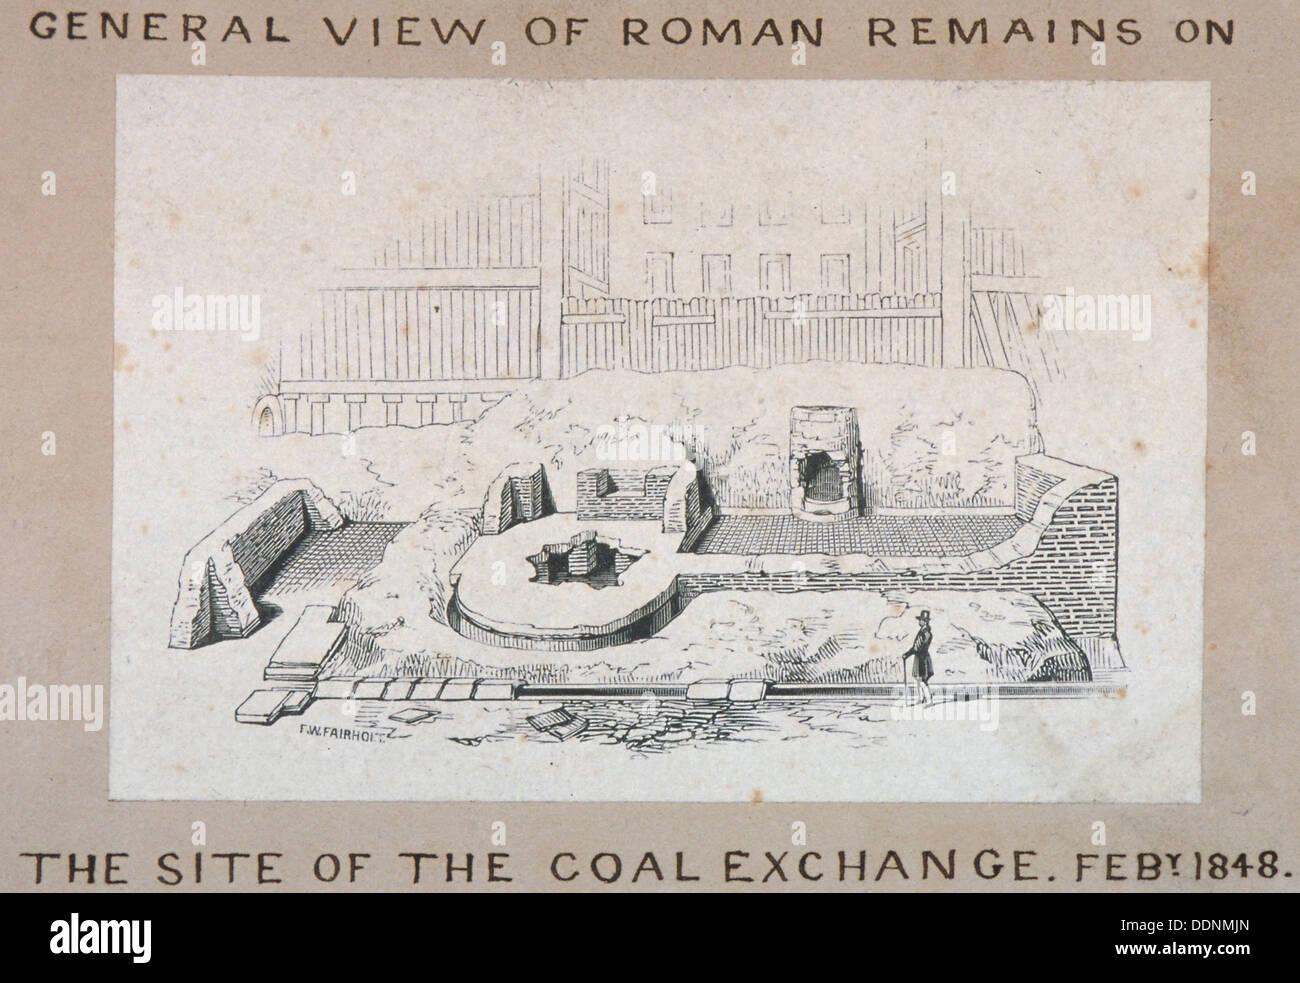 Vista de los restos romanos en el sitio del intercambio del carbón, de la ciudad de Londres, 1848. Artista: FW Fairholt Imagen De Stock